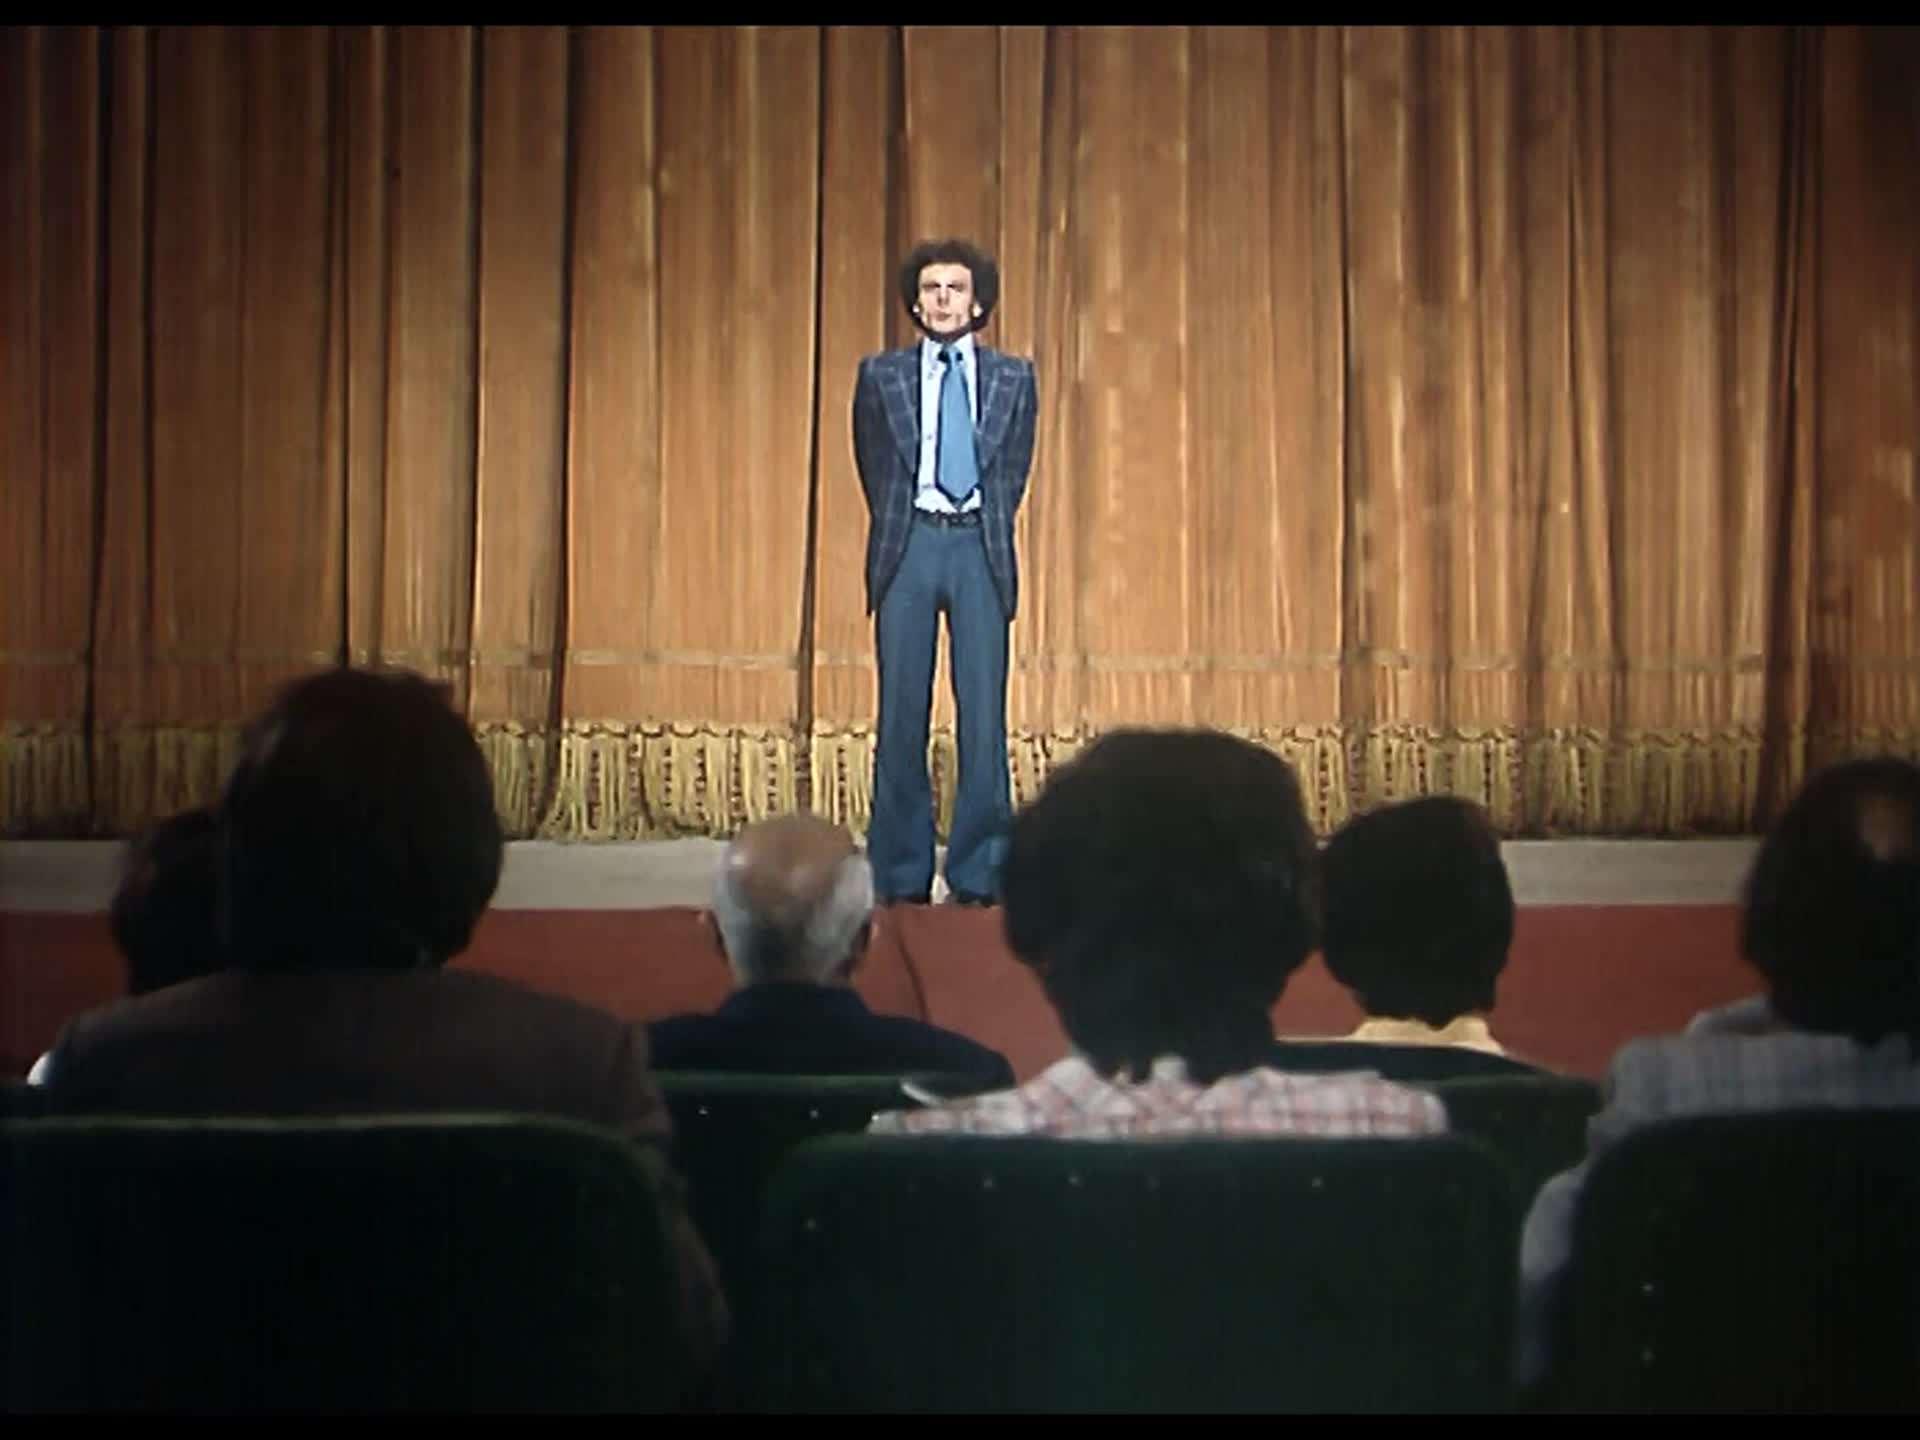 [فيلم][تورنت][تحميل][وراء الشمس][1978][1080p][Web-DL] 5 arabp2p.com